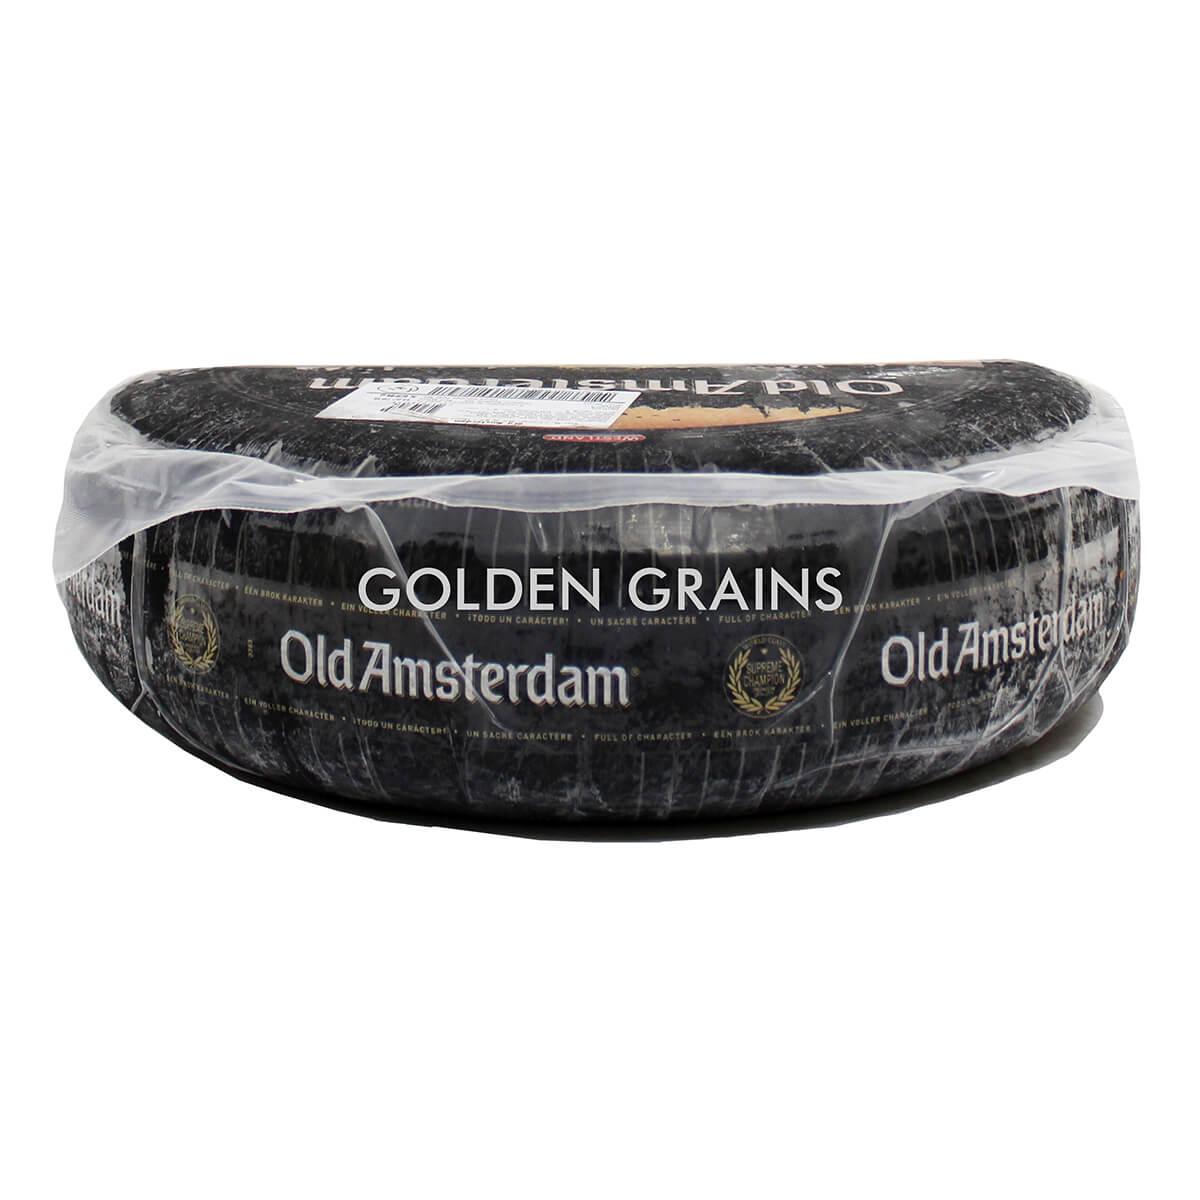 Golden Grains Dubai Export - Golden Grains Old Amsterdam - Side.jpg